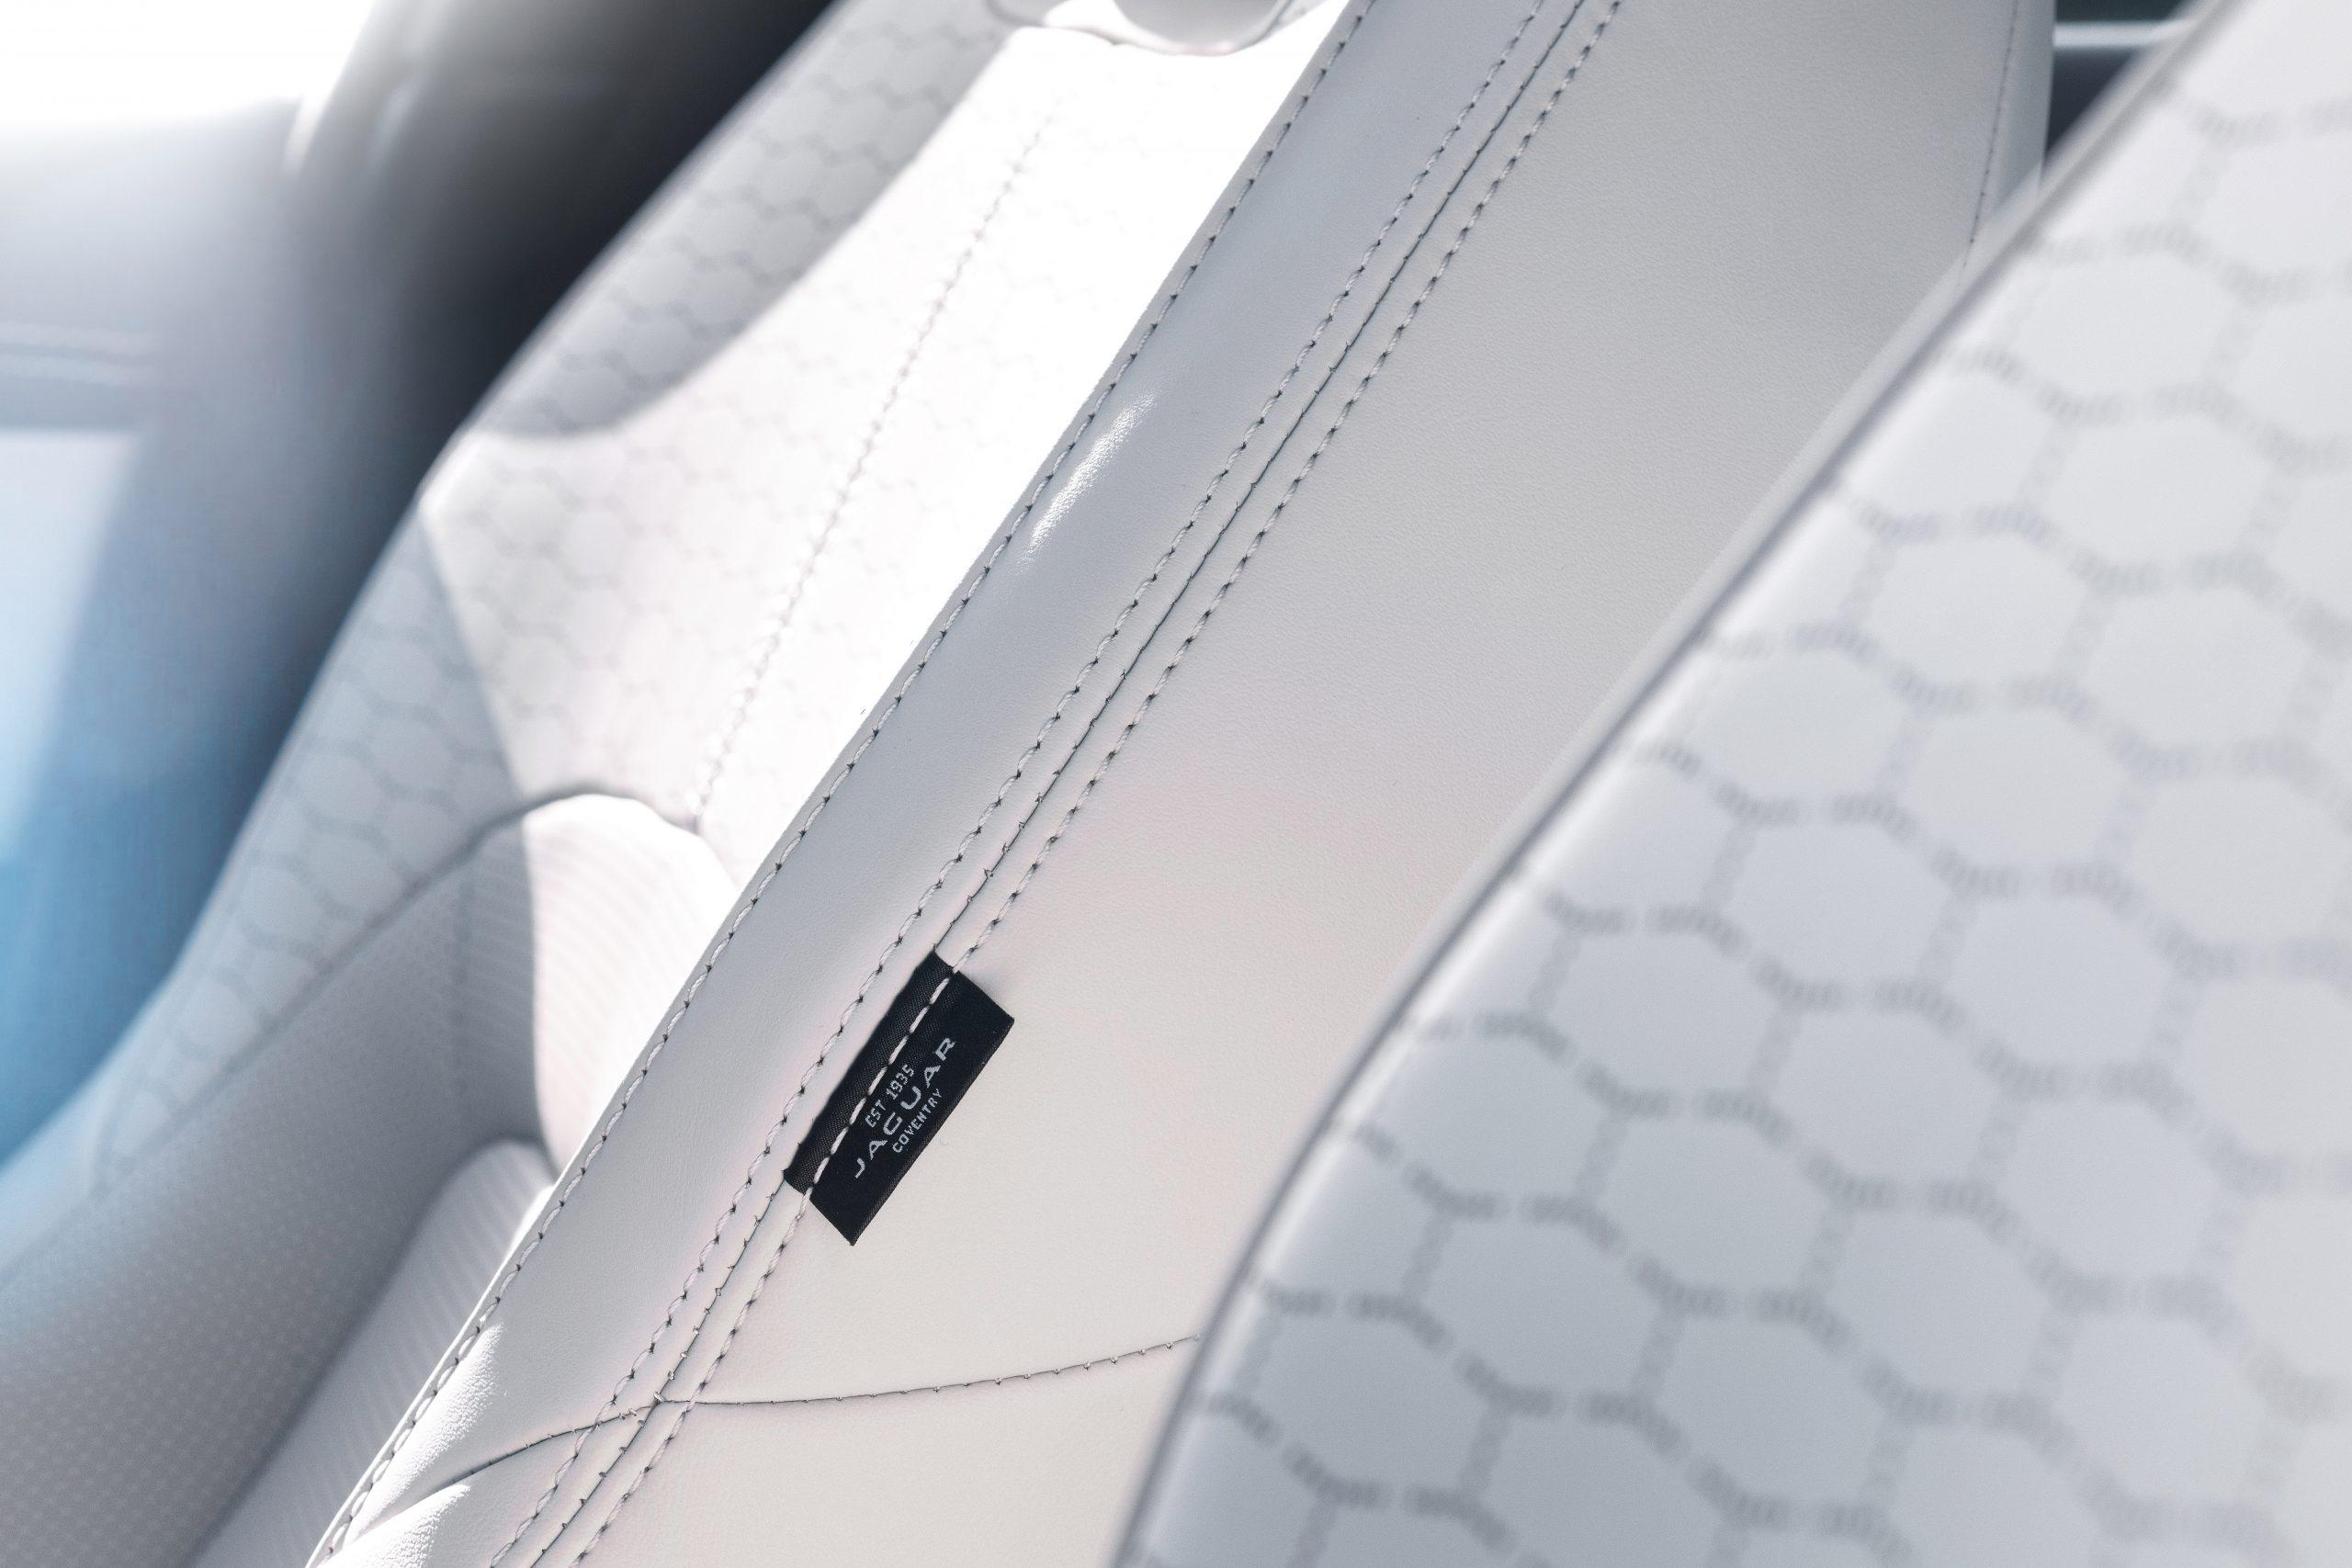 202021 Jaguar XF interior seat detail tag